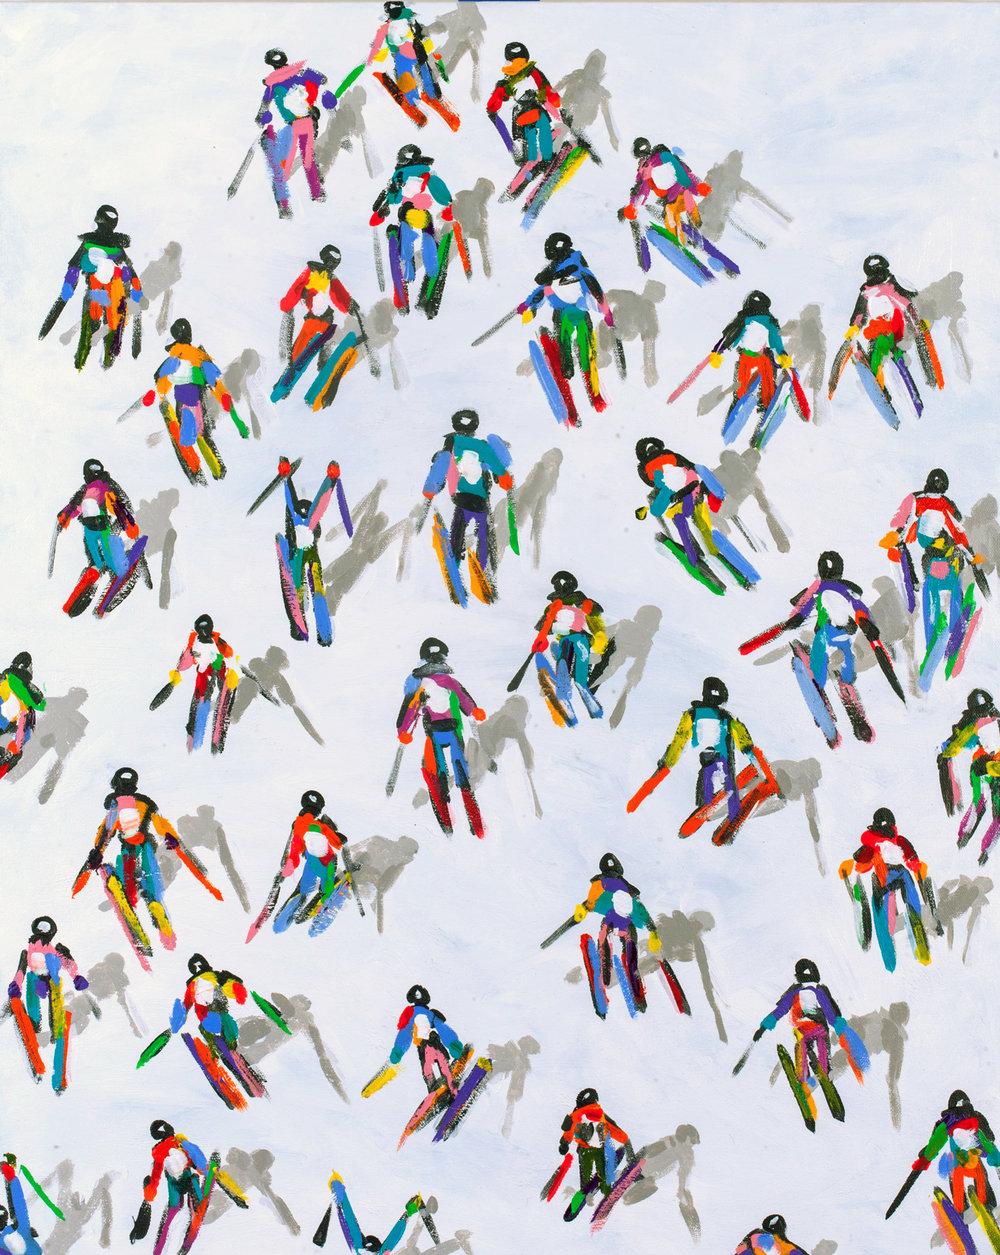 #335 Ski Mountain